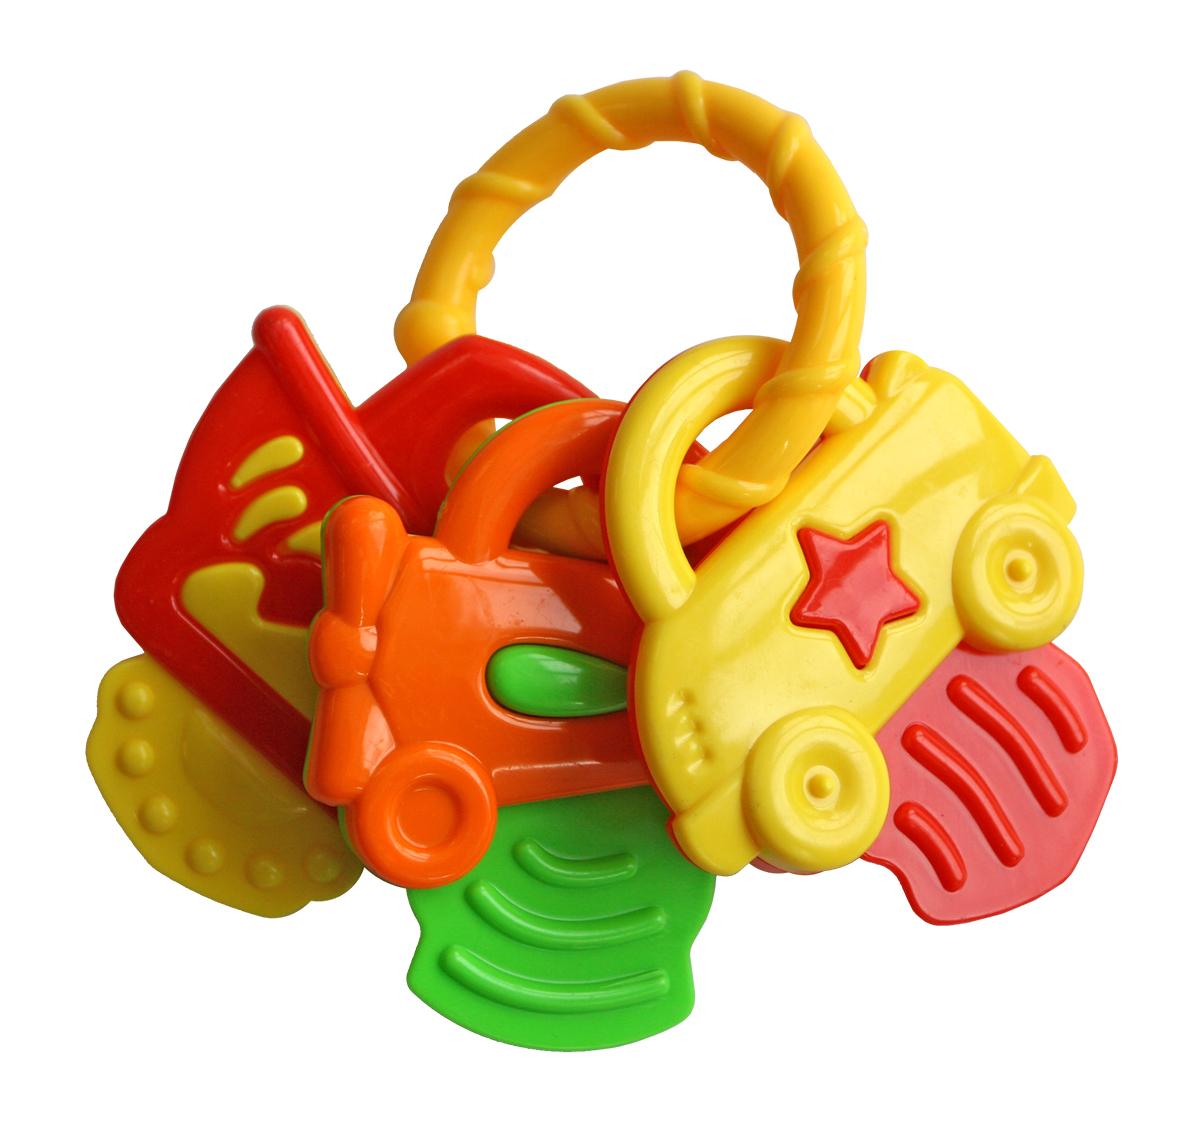 Lubby Погремушка Ключики-машинки14782Игрушка - погремушка приятно звенит Форма позволяет Малышу удобно держать ее пальчиками самостоятельно. Игрушка - погремушка не имеет поверхностного окрашивания.